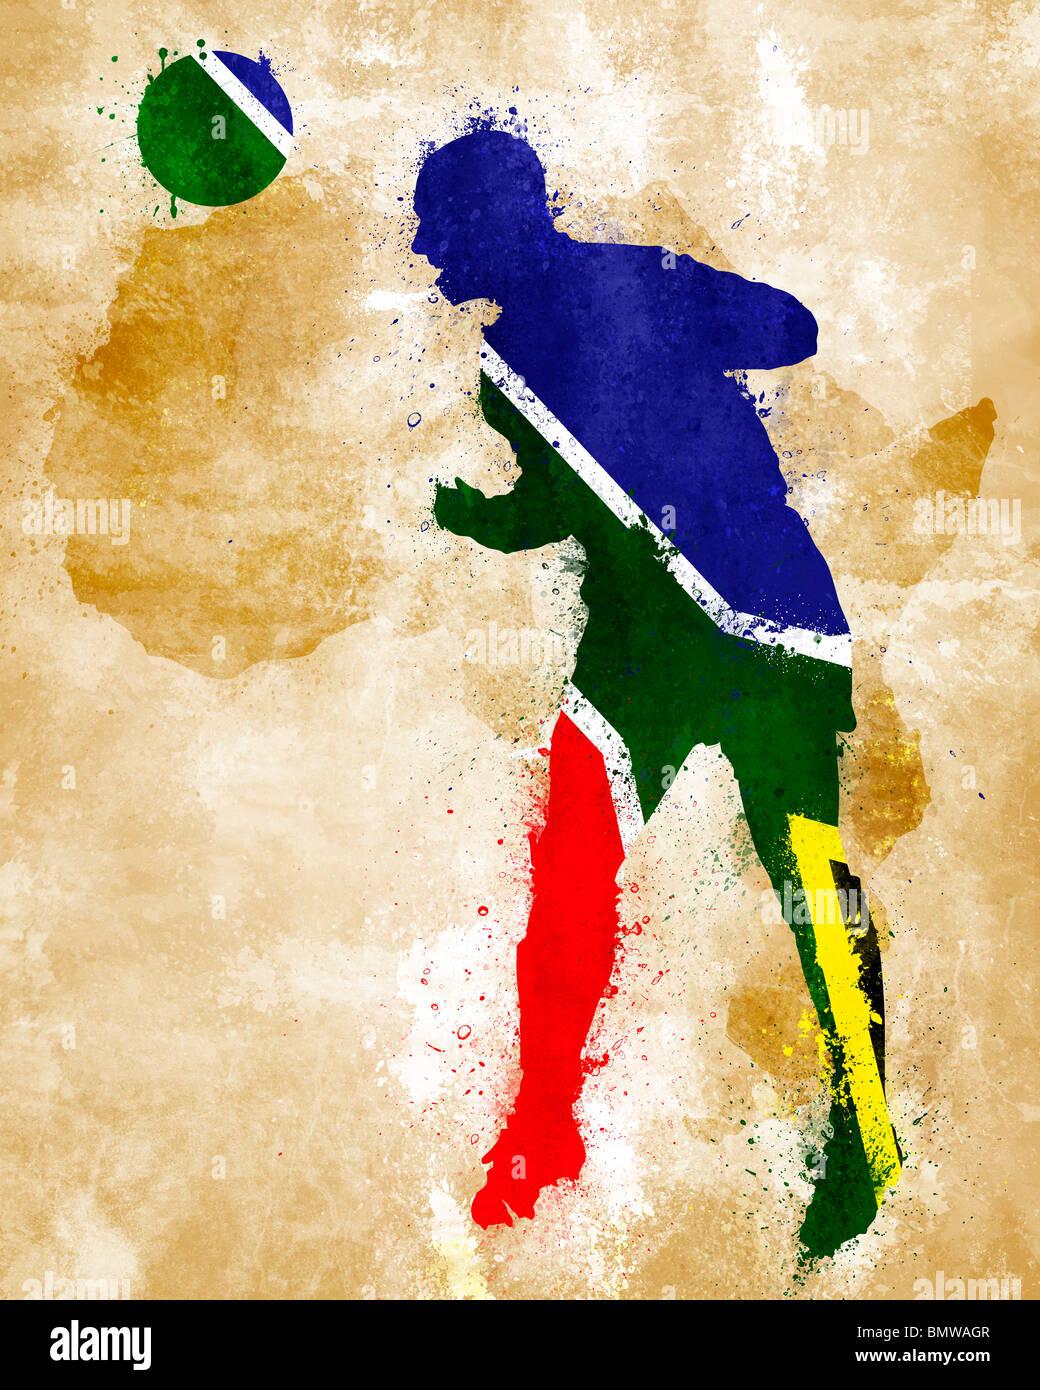 Ein Fußball-Spieler mit südafrikanischen Flagge gemalt Stockfoto